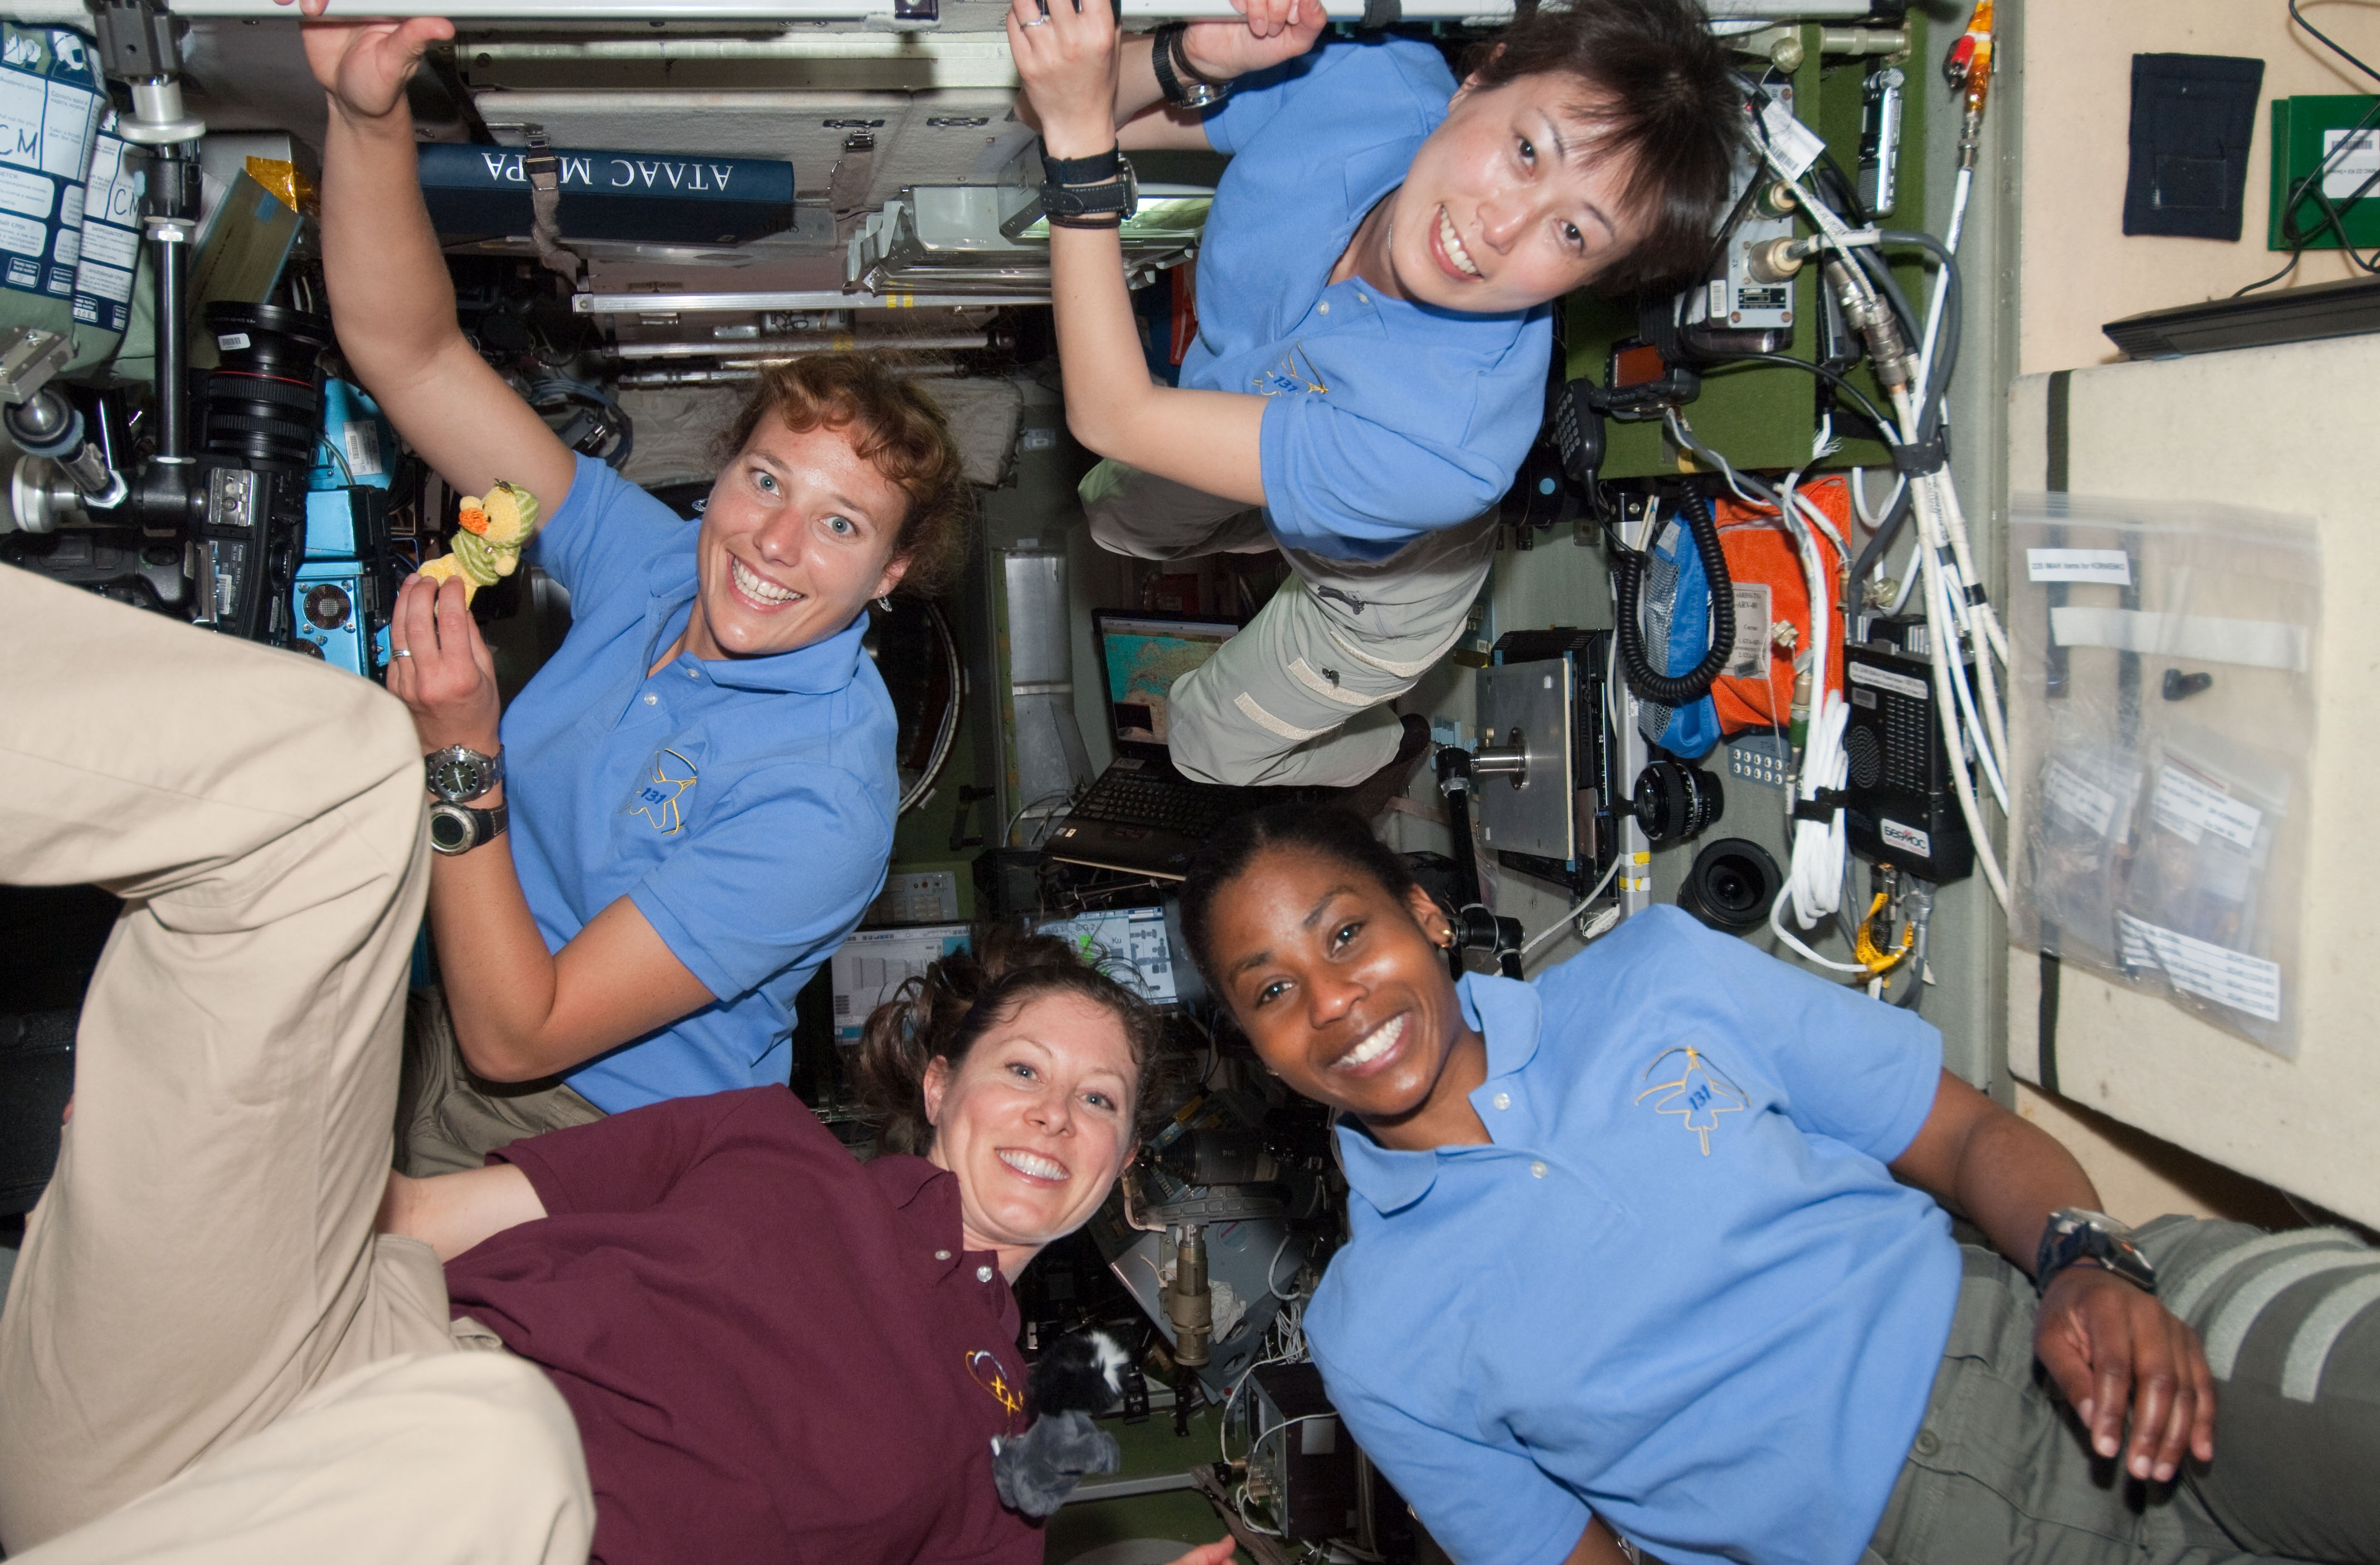 equipaggio femminile a bordo della Stazione Spaziale Internazionale